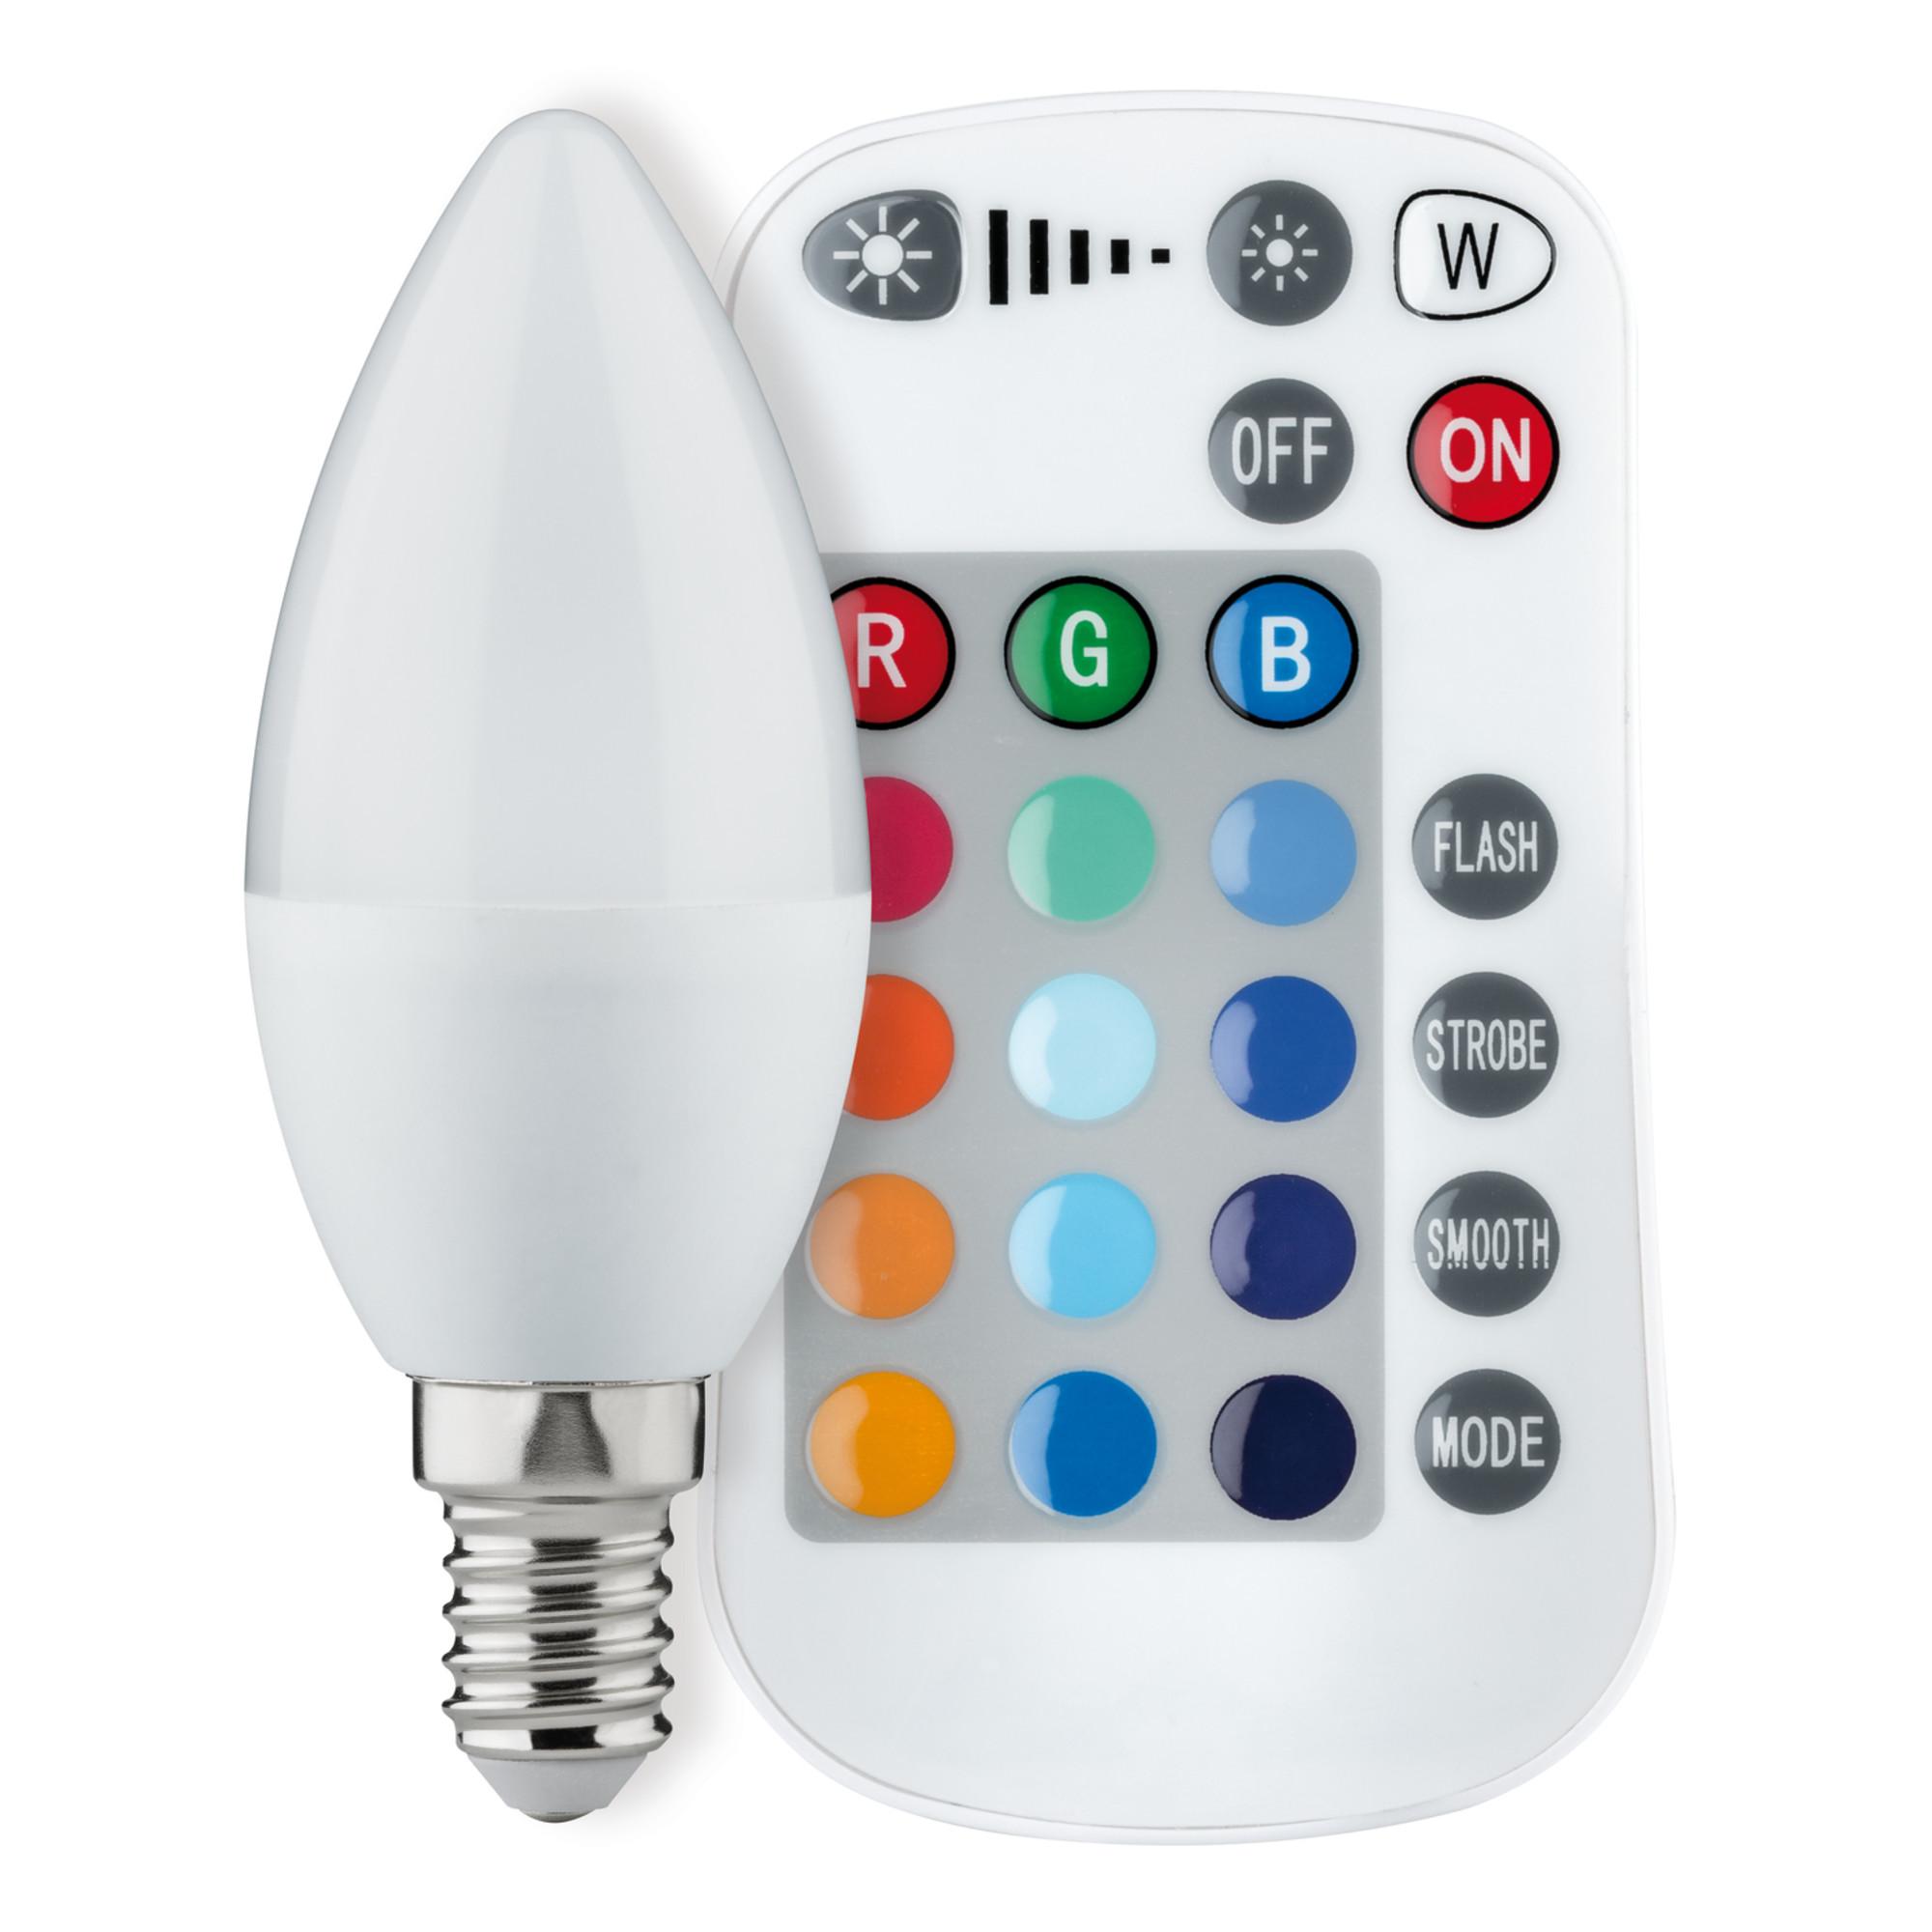 Лампа светодиодная Paulmann Свеча 3.5Вт 75лм Е14 230В Опал С изменением цвета RGB  С ИК-пультом ДУ Регулируемая яркость 28517.